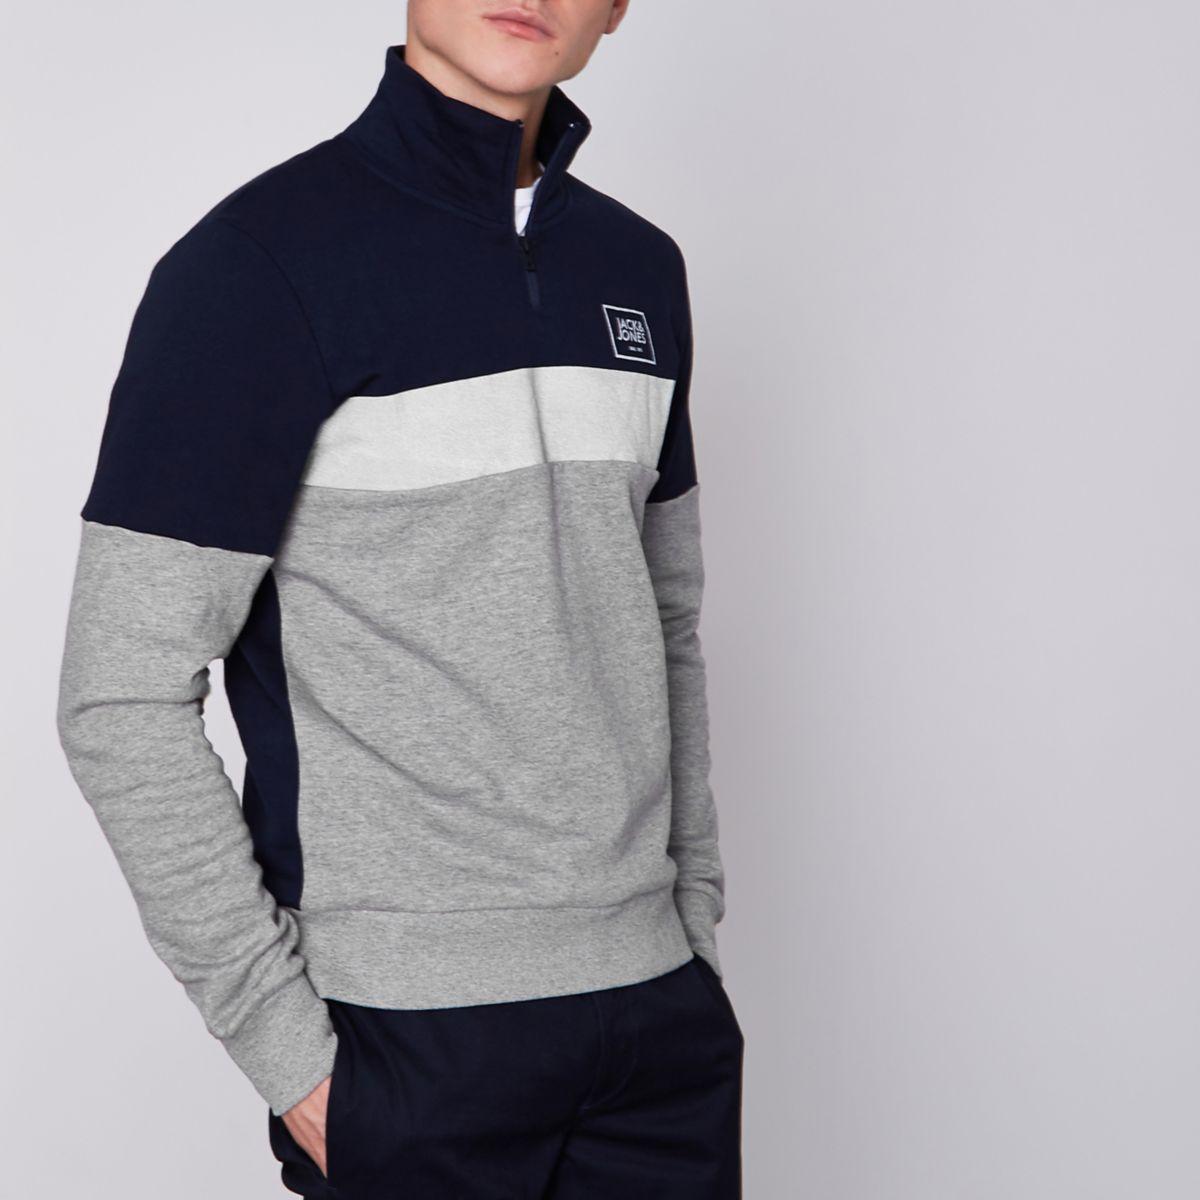 Jack & Jones Core grey zip neck sweatshirt